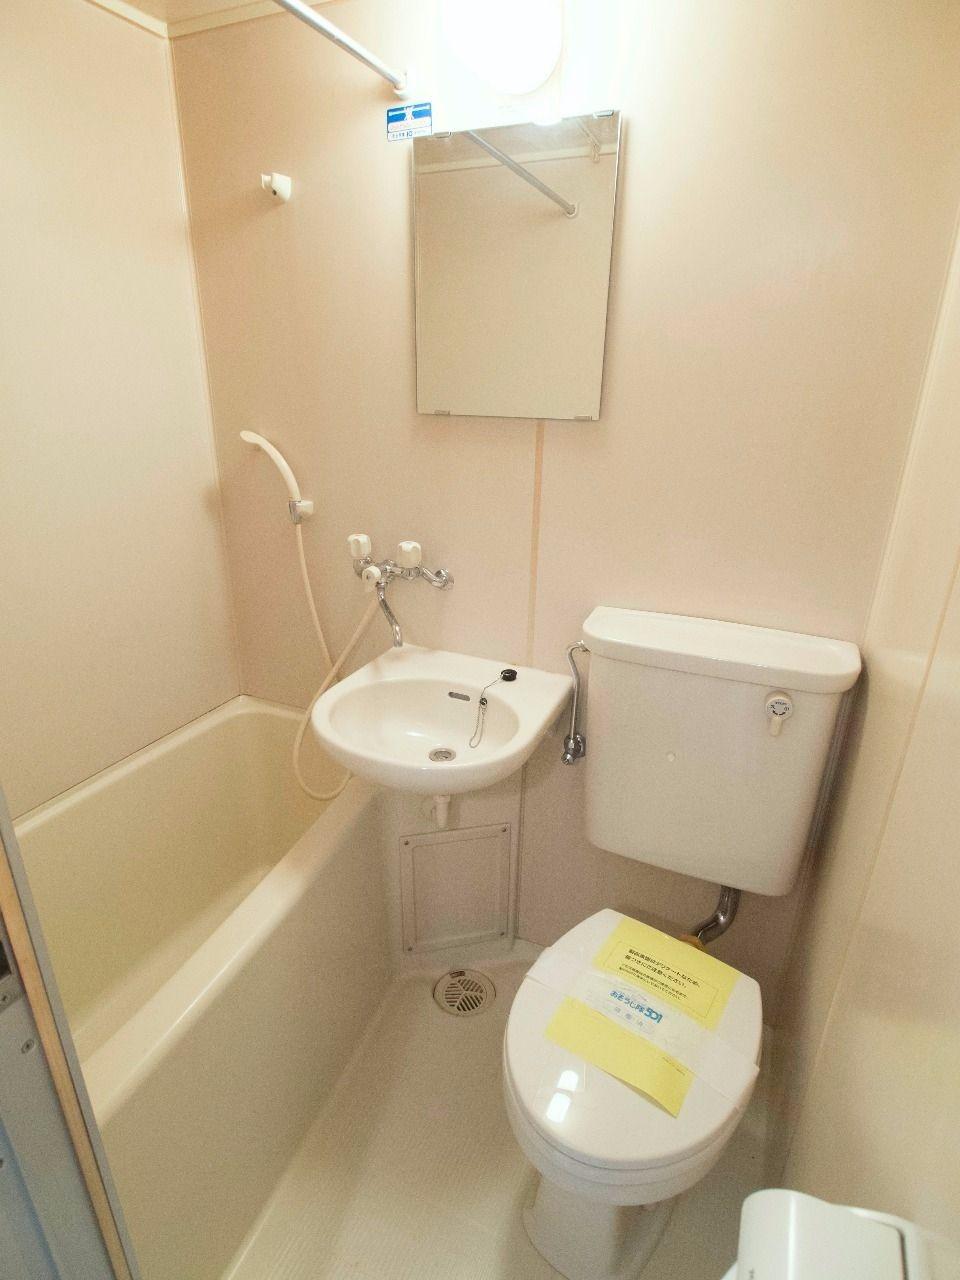 浴室暖房乾燥機のあるバスルーム